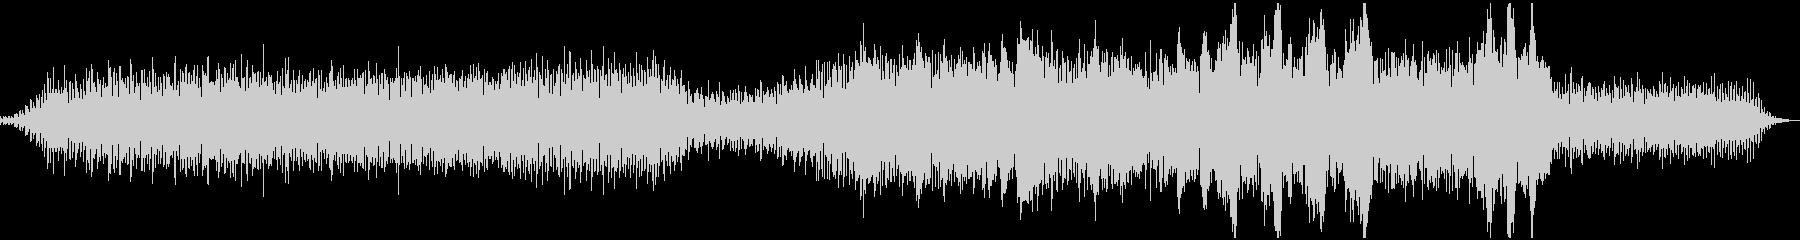 民族音楽・モンゴル・壮大・中盤から展開の未再生の波形